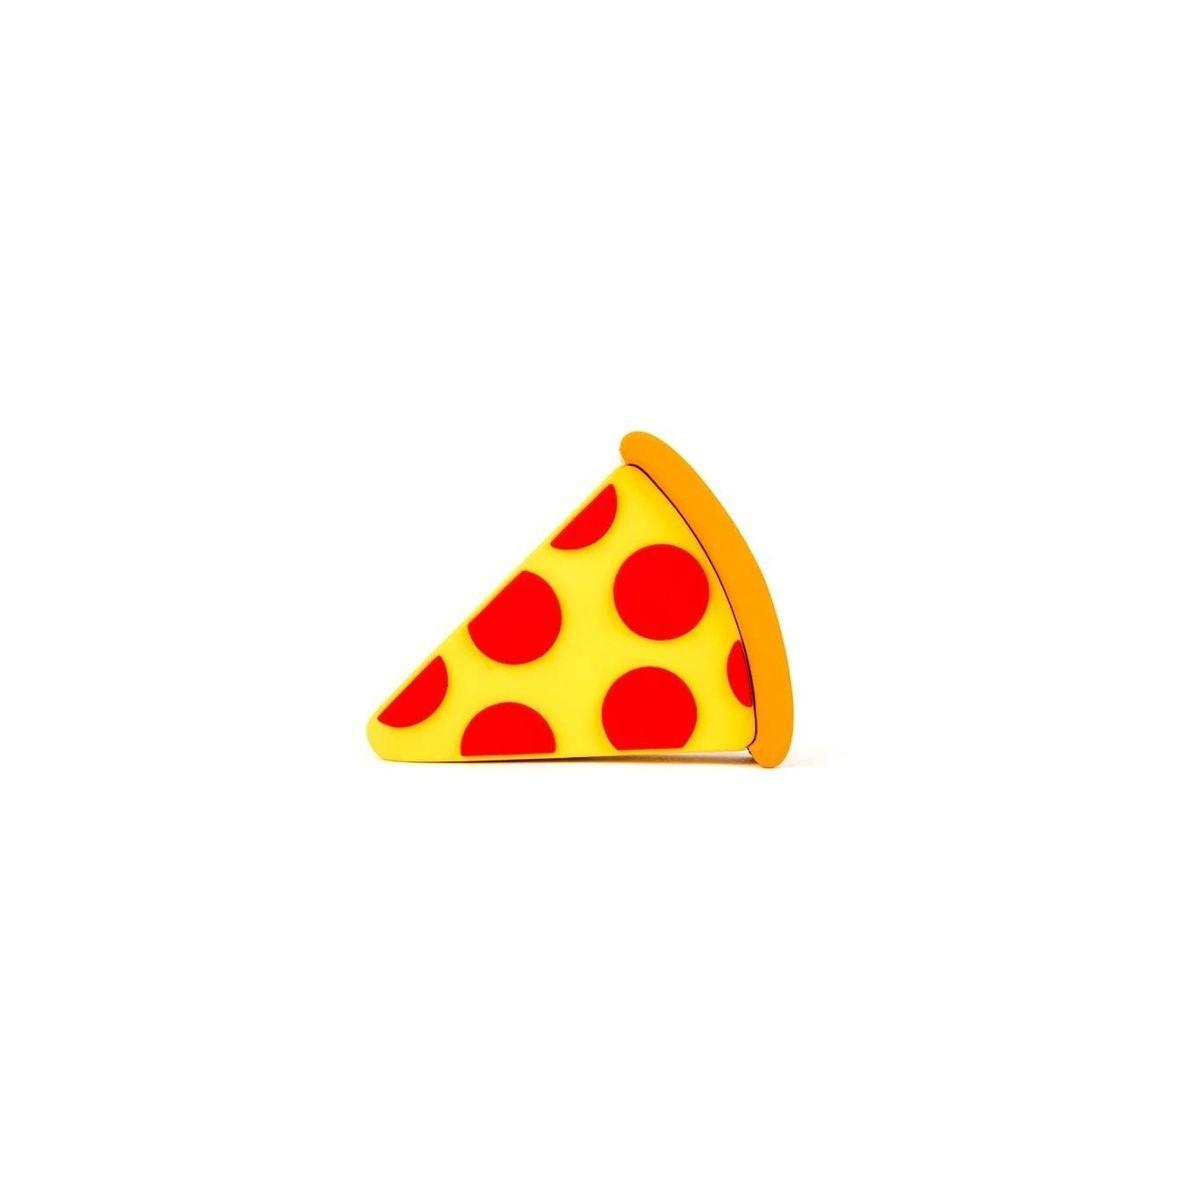 Batterie externe mojipower powerbank 2600 mah emoji pizza - 7% de remise imm�diate avec le code : deal7 (photo)